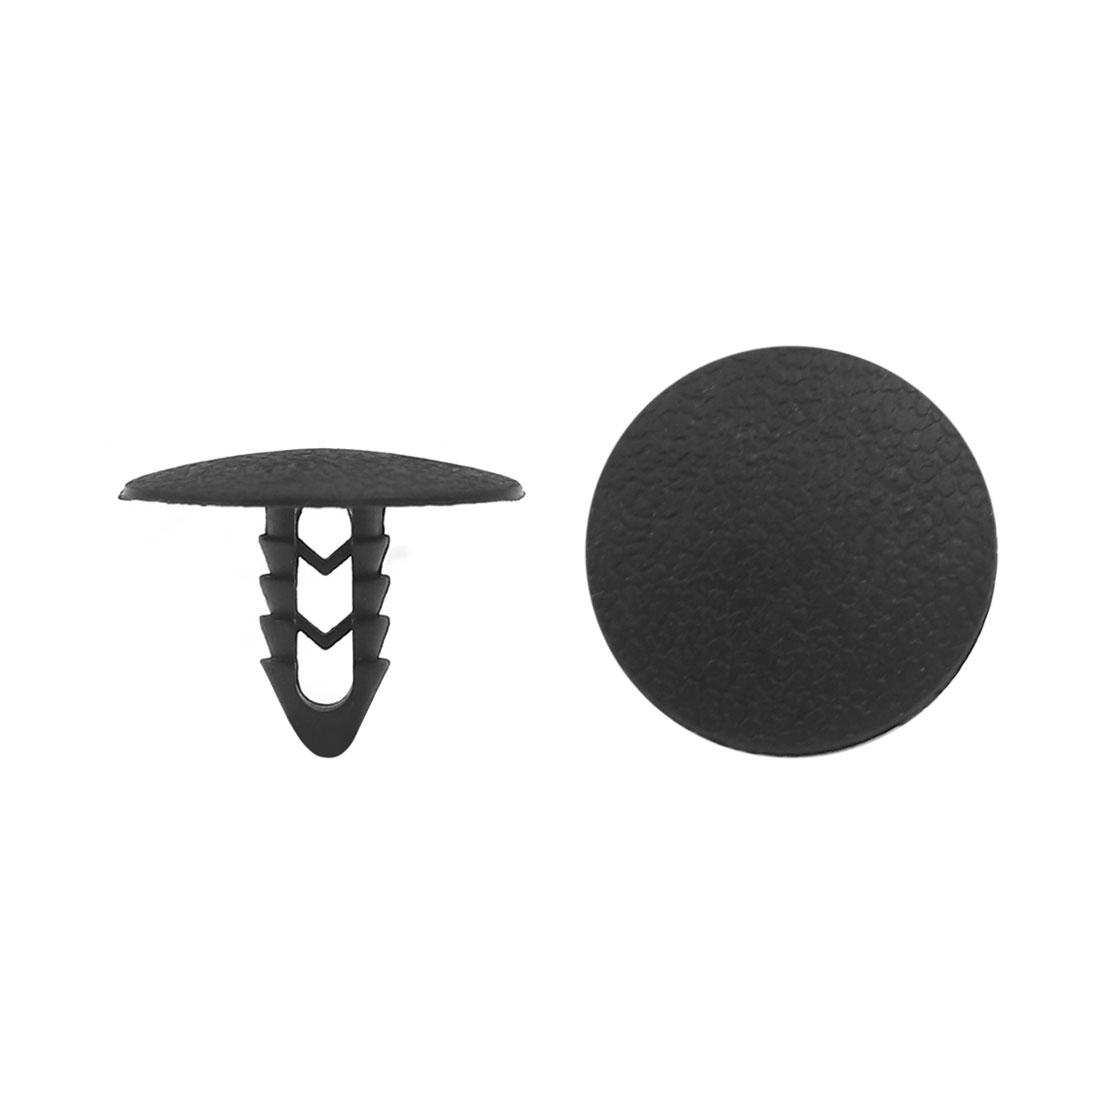 20pcs 25mm Head 8mm Hole Plastic Door Fender Bumper Push Rivets Clip for Car